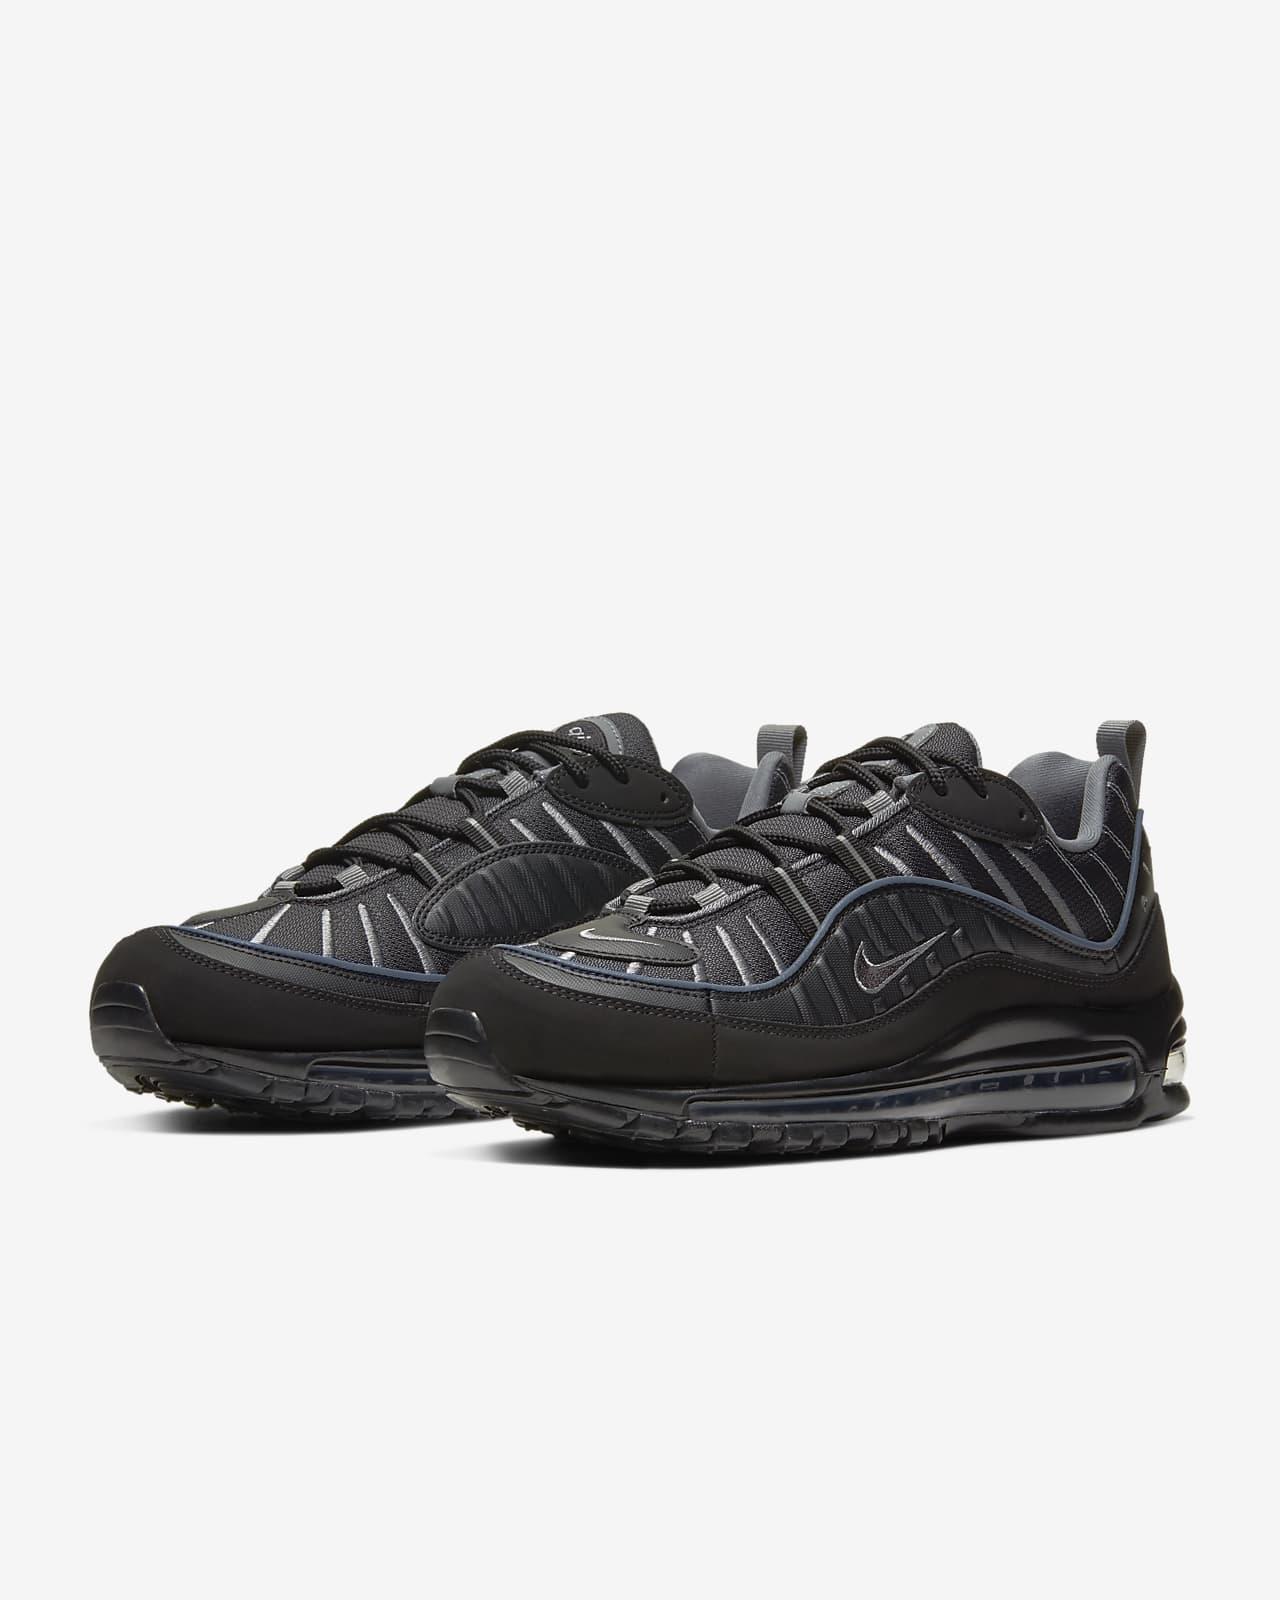 nike 98 uomo scarpe